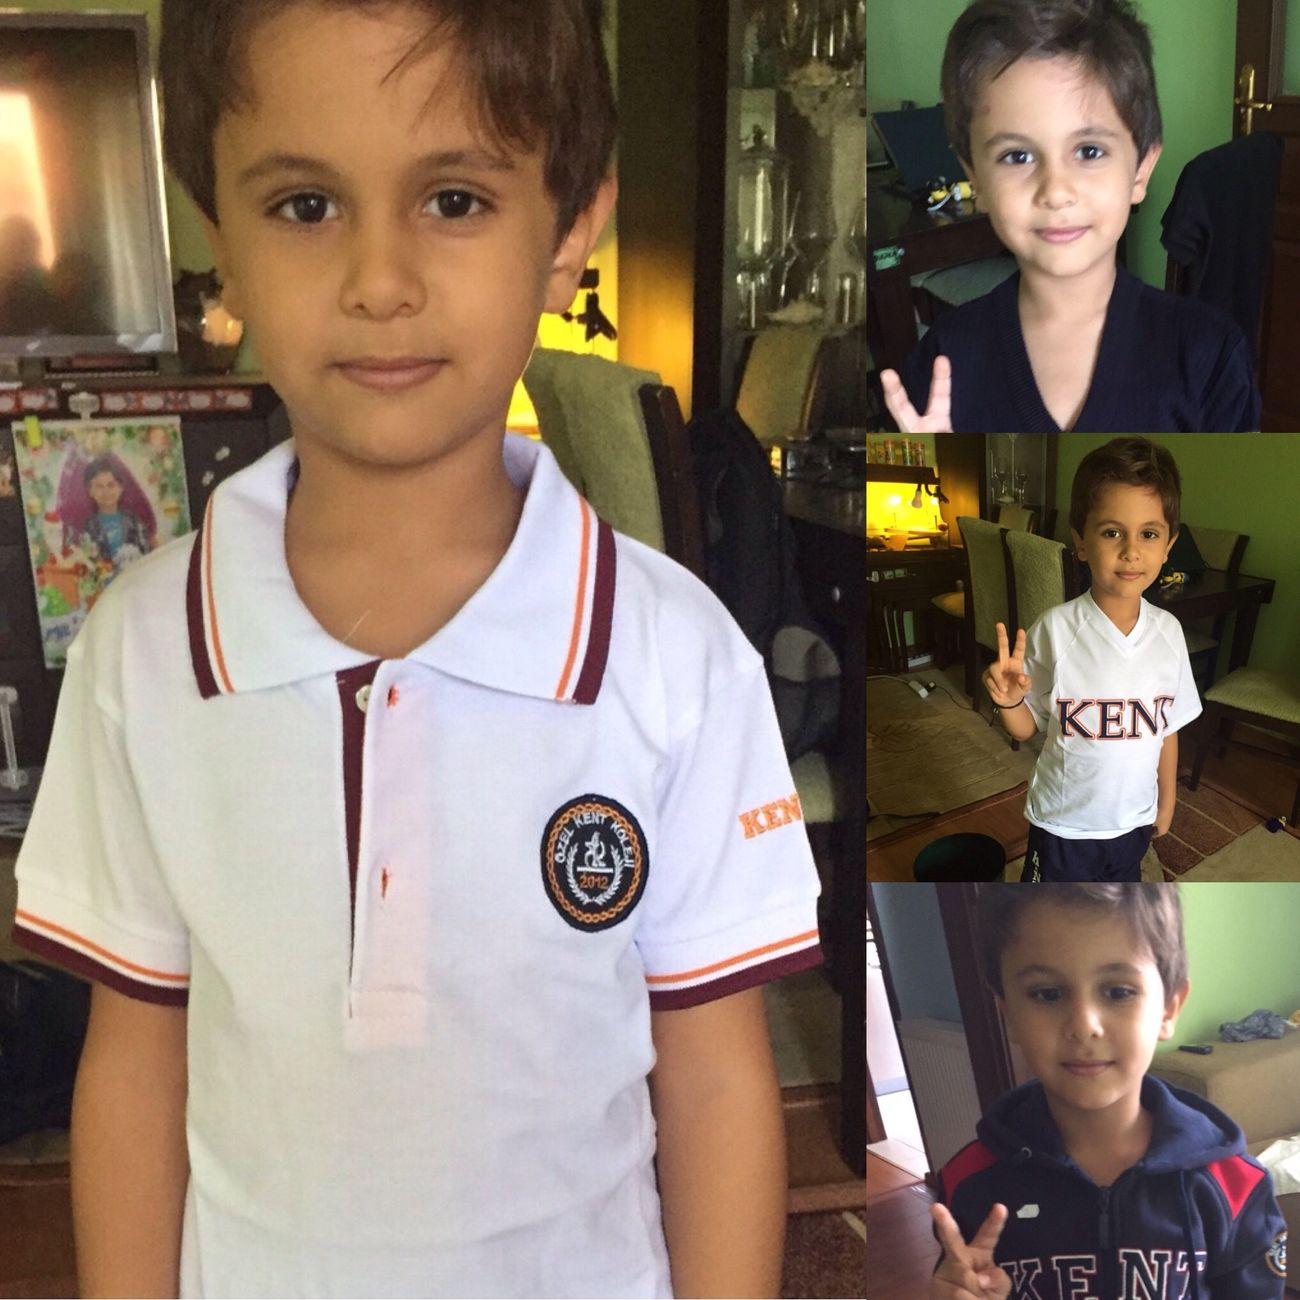 Oğlum büyür ve ilkokula başlar. Allah bütün çocukları sevinçlere boğması dileğle🙏🙏🙏🙏